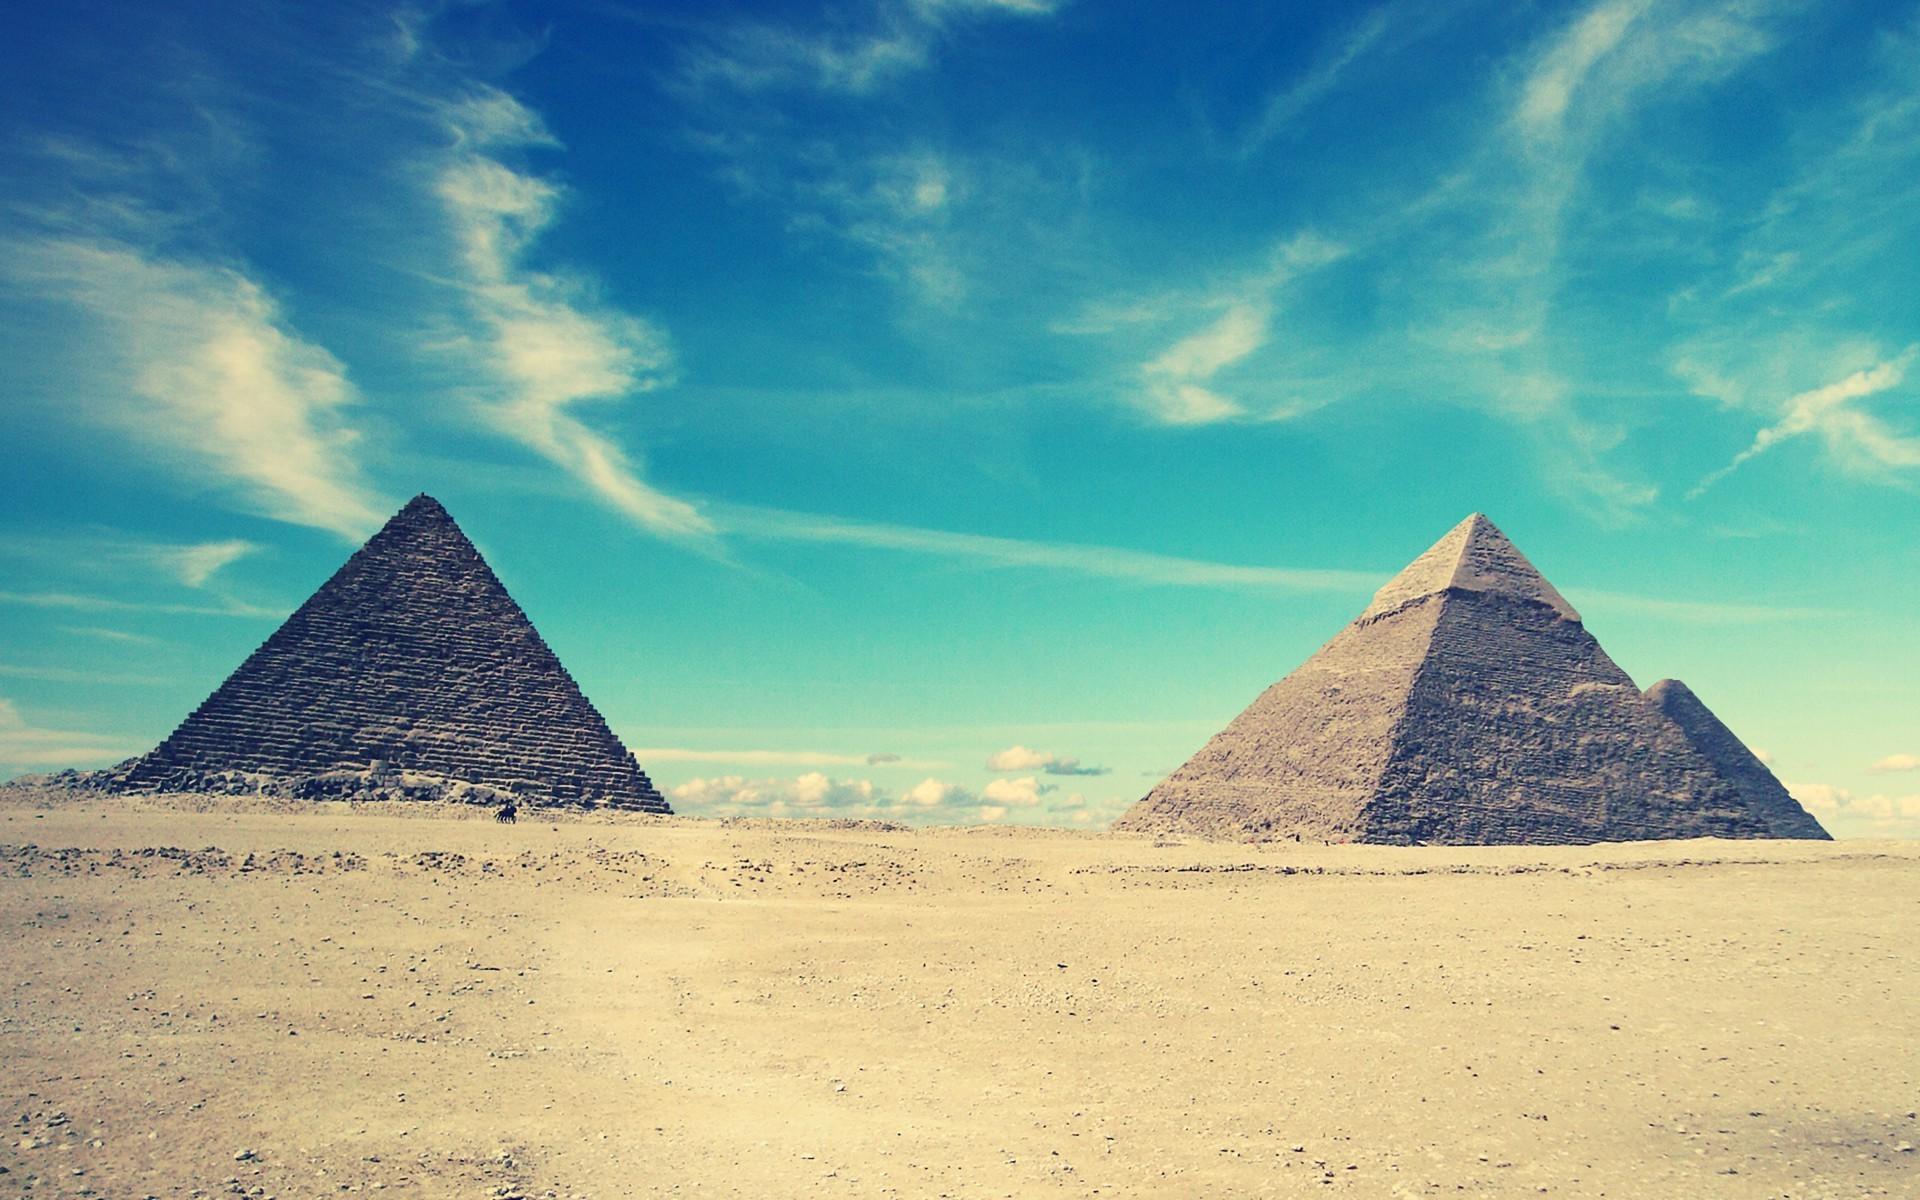 египетские пирамиды красивые картинки недвижимость чинчилле